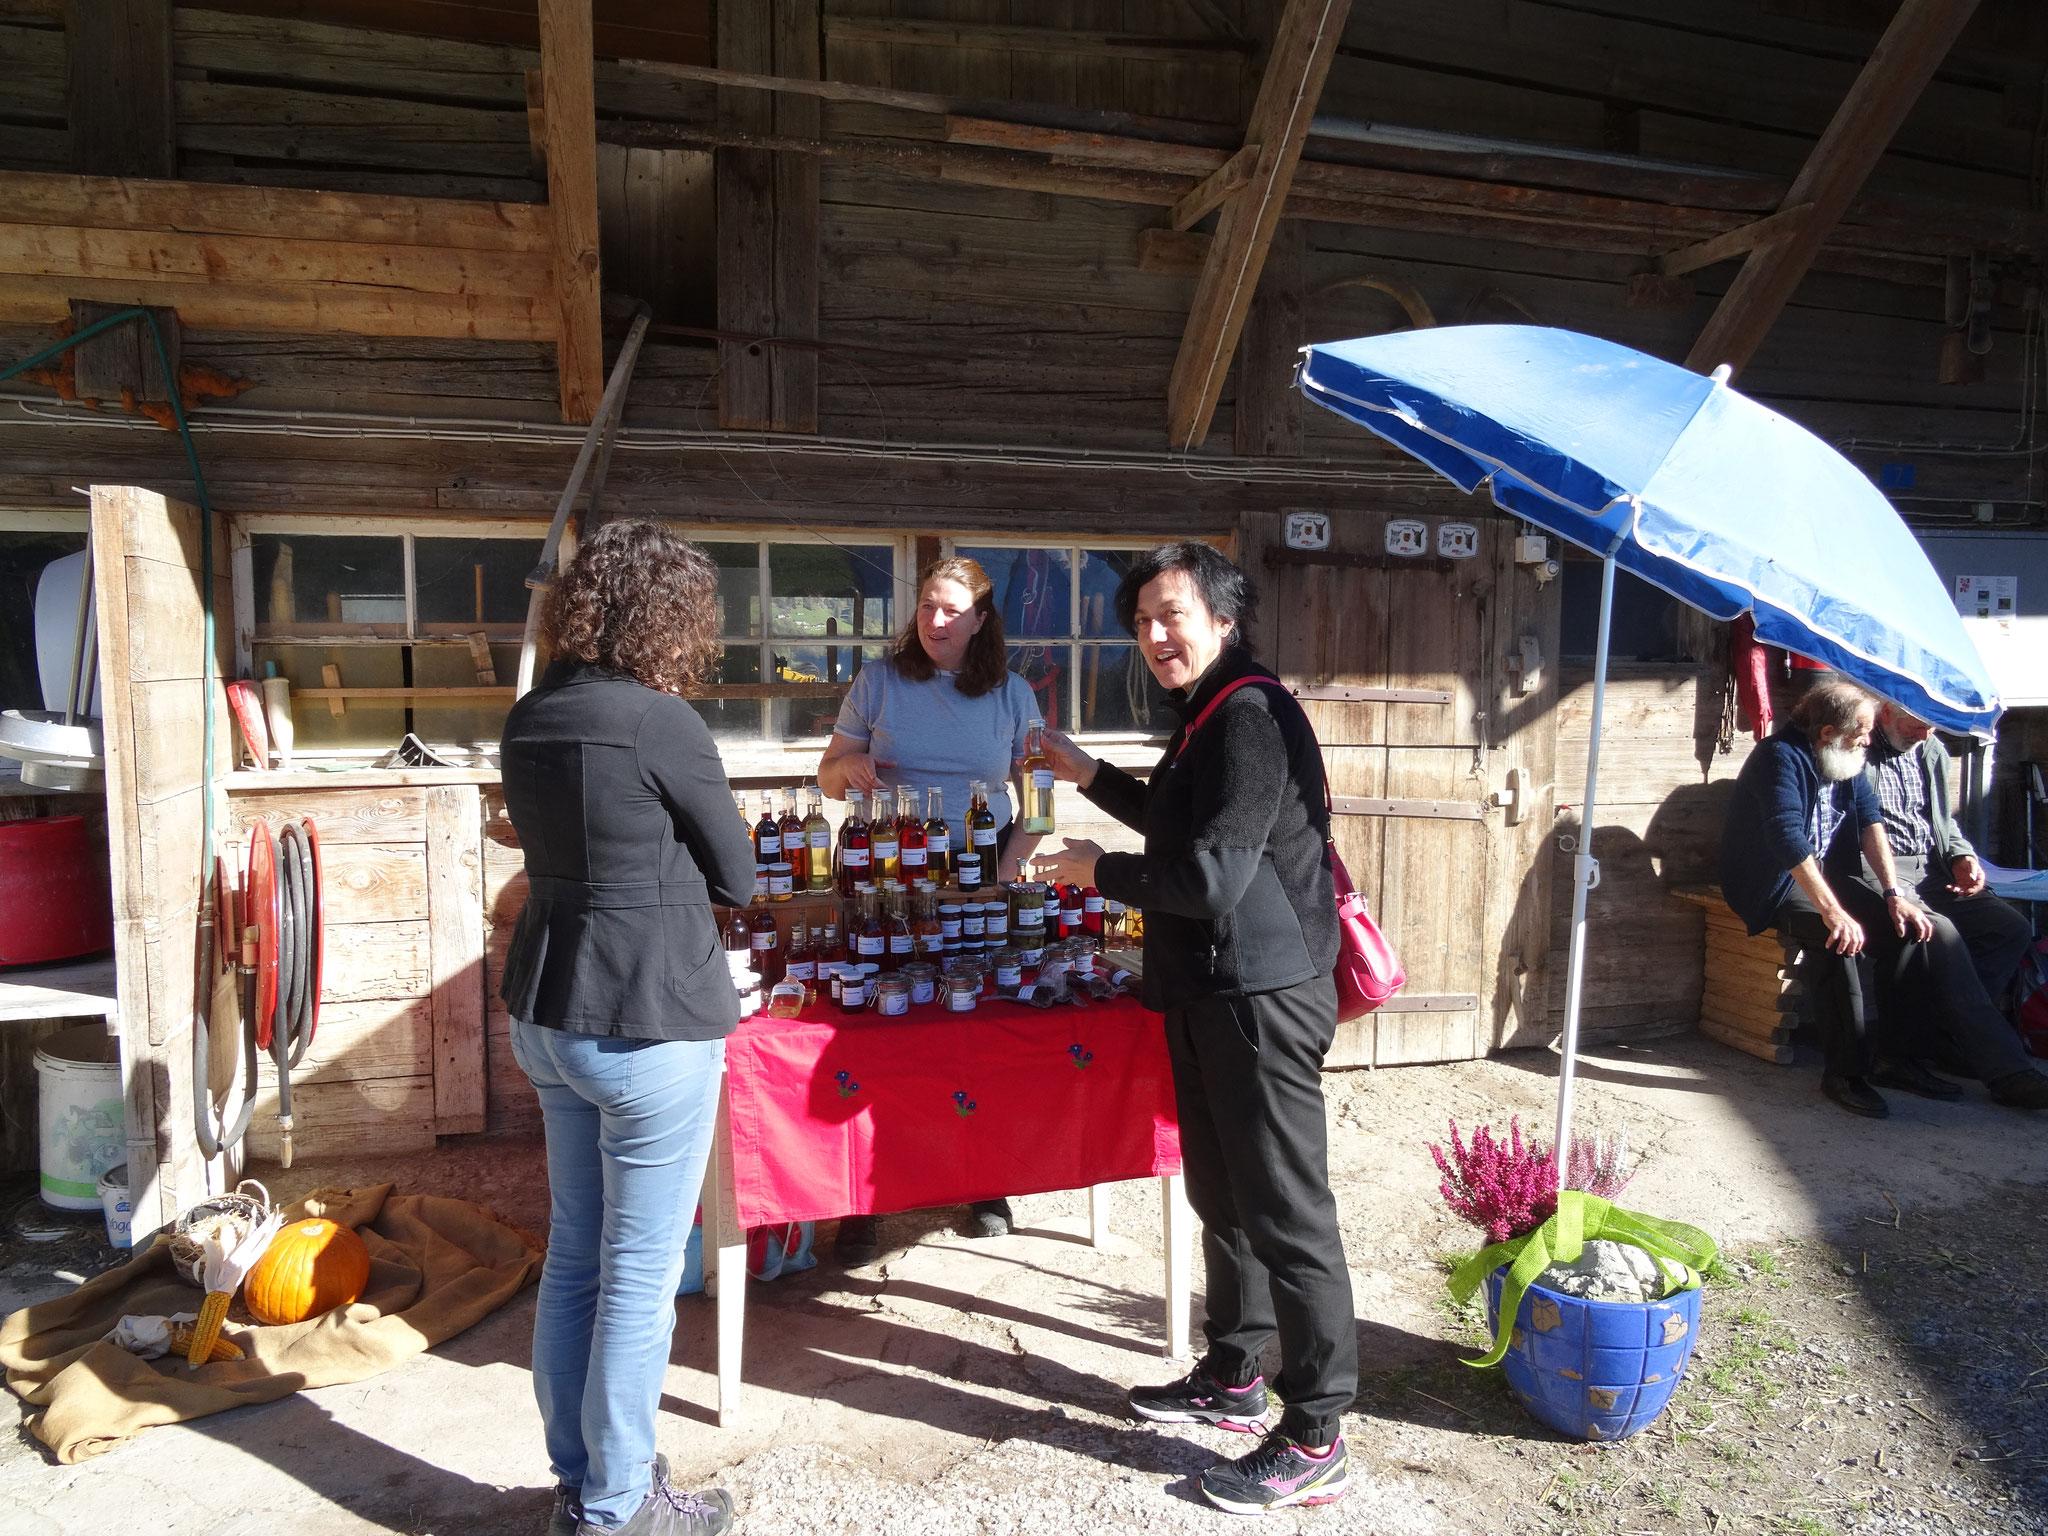 Daniela Kobel verkauft lokale Produkte an Andrea Schneideer und Antonietta Grosjean vom TOI.  Kontakt auch unter kraeuter.zauber@bluewin.ch